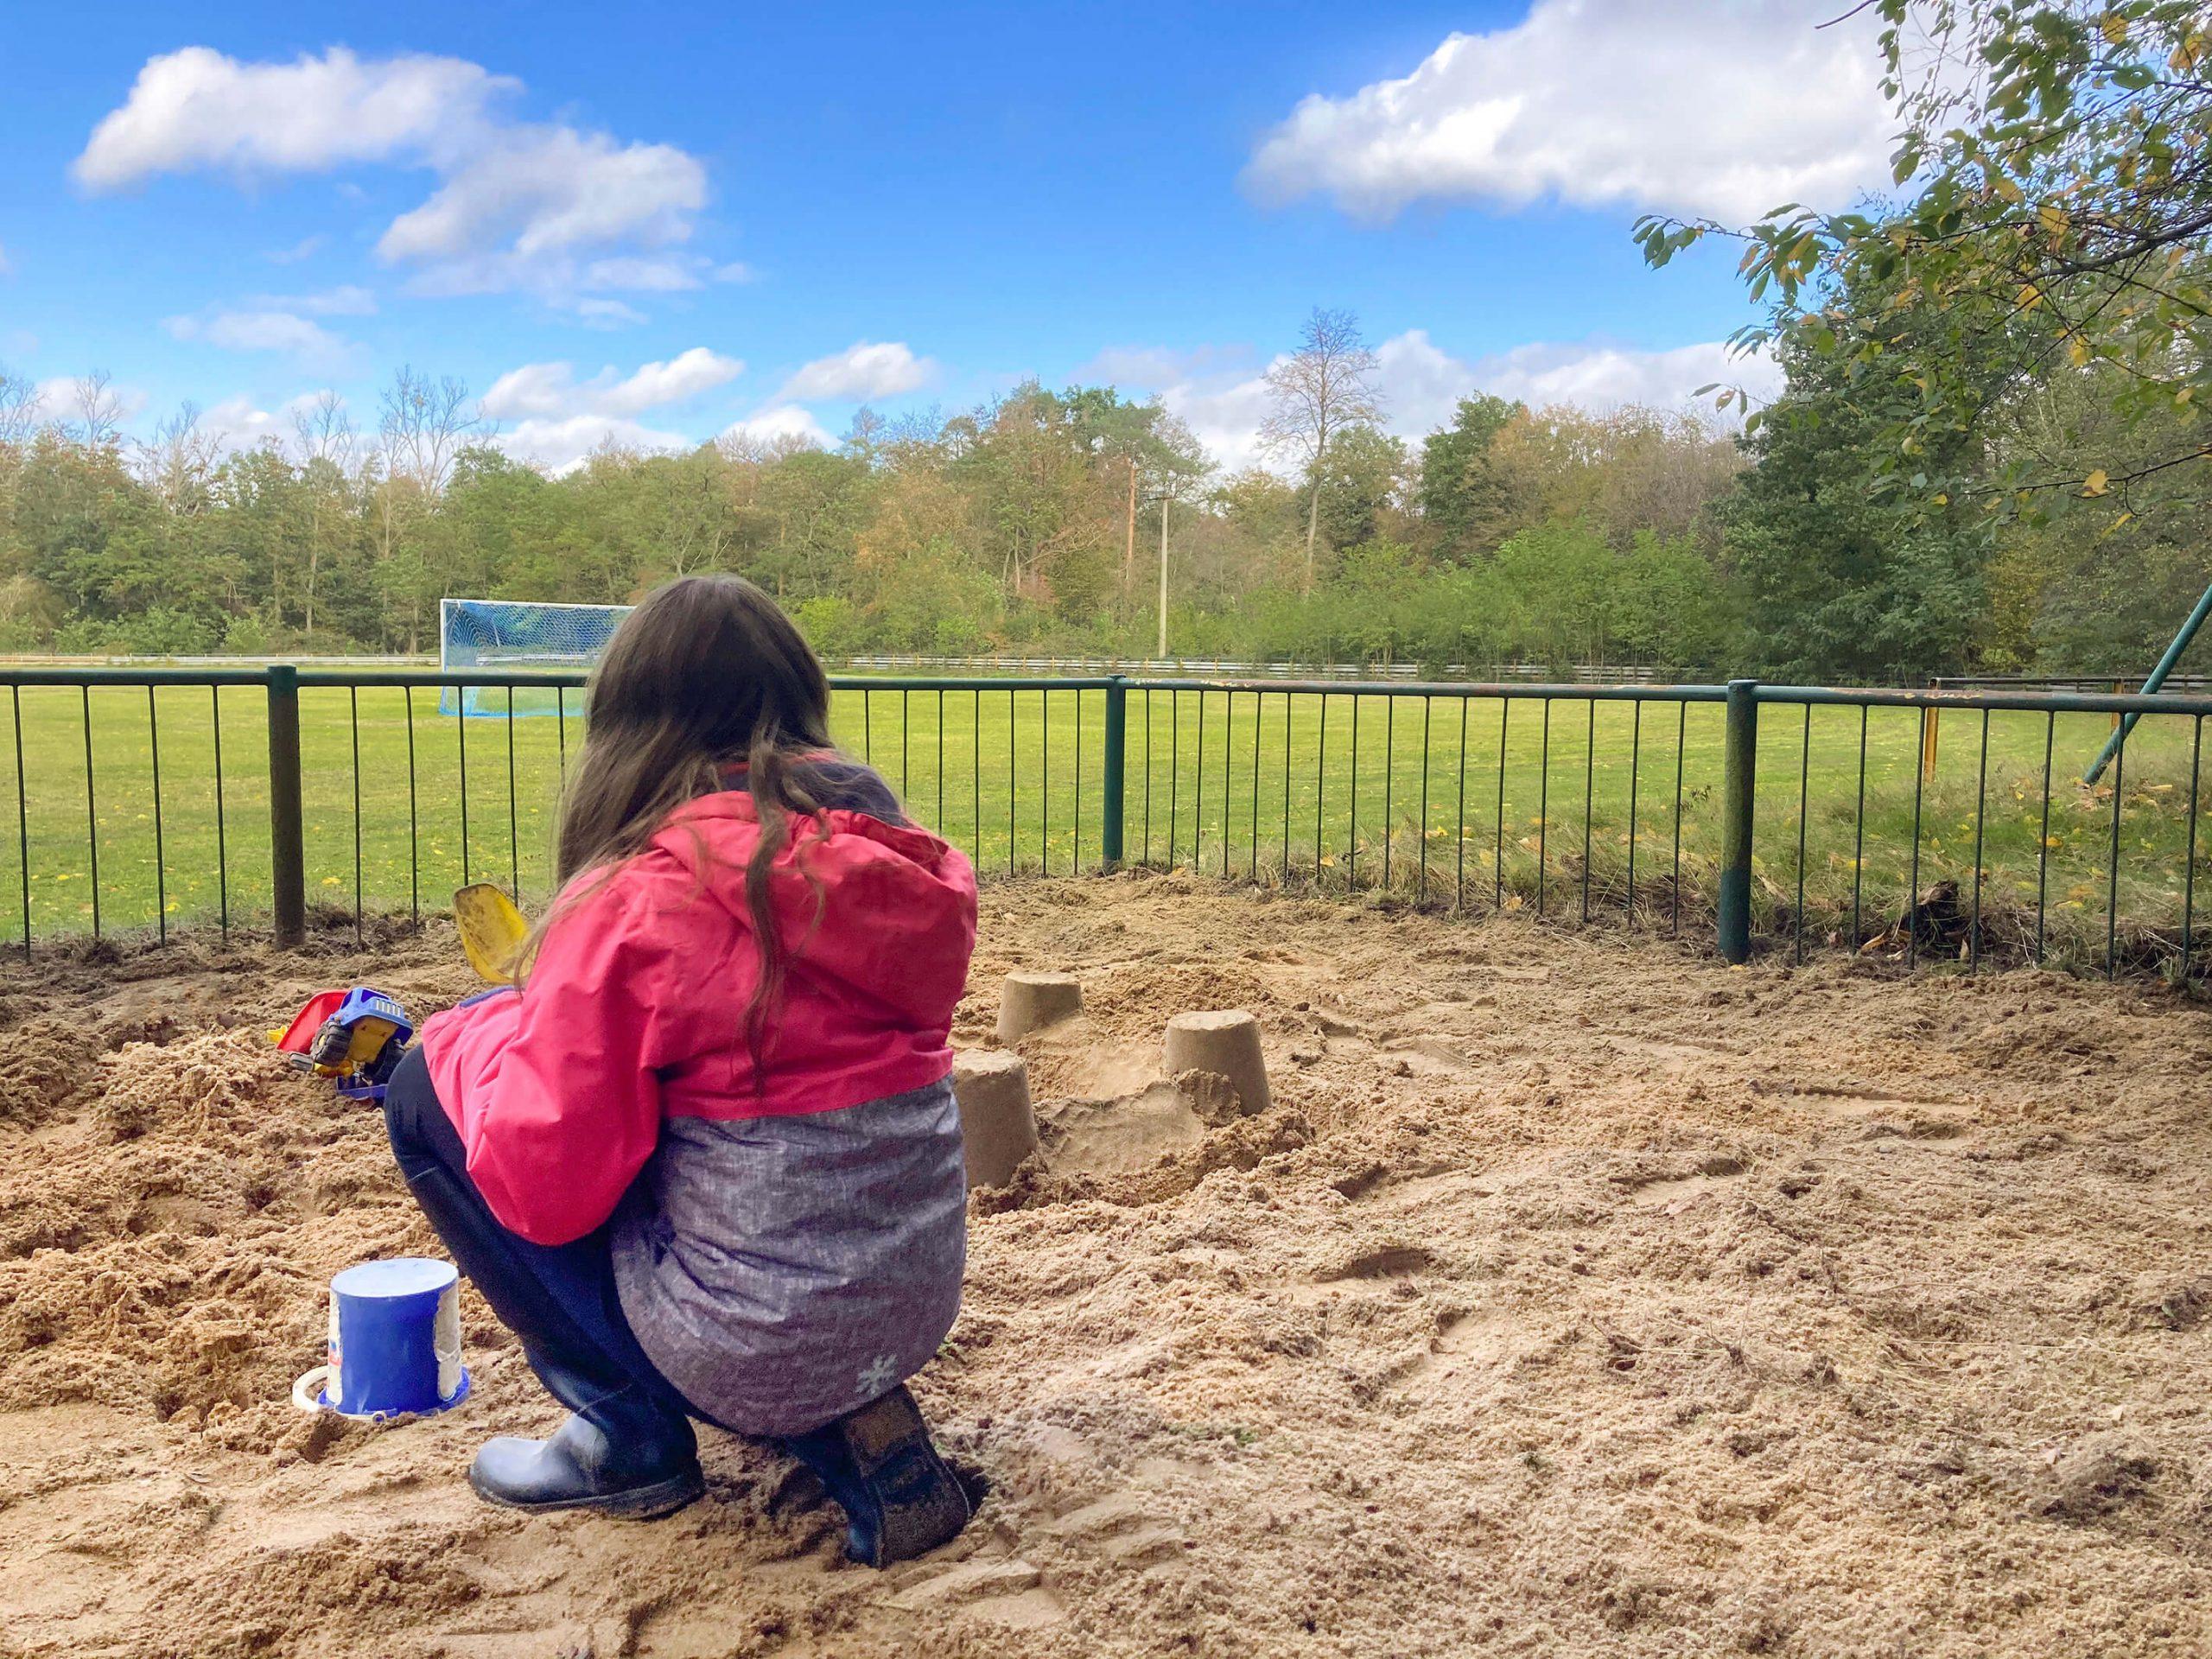 Sandkasten mit Person am Sportplatz